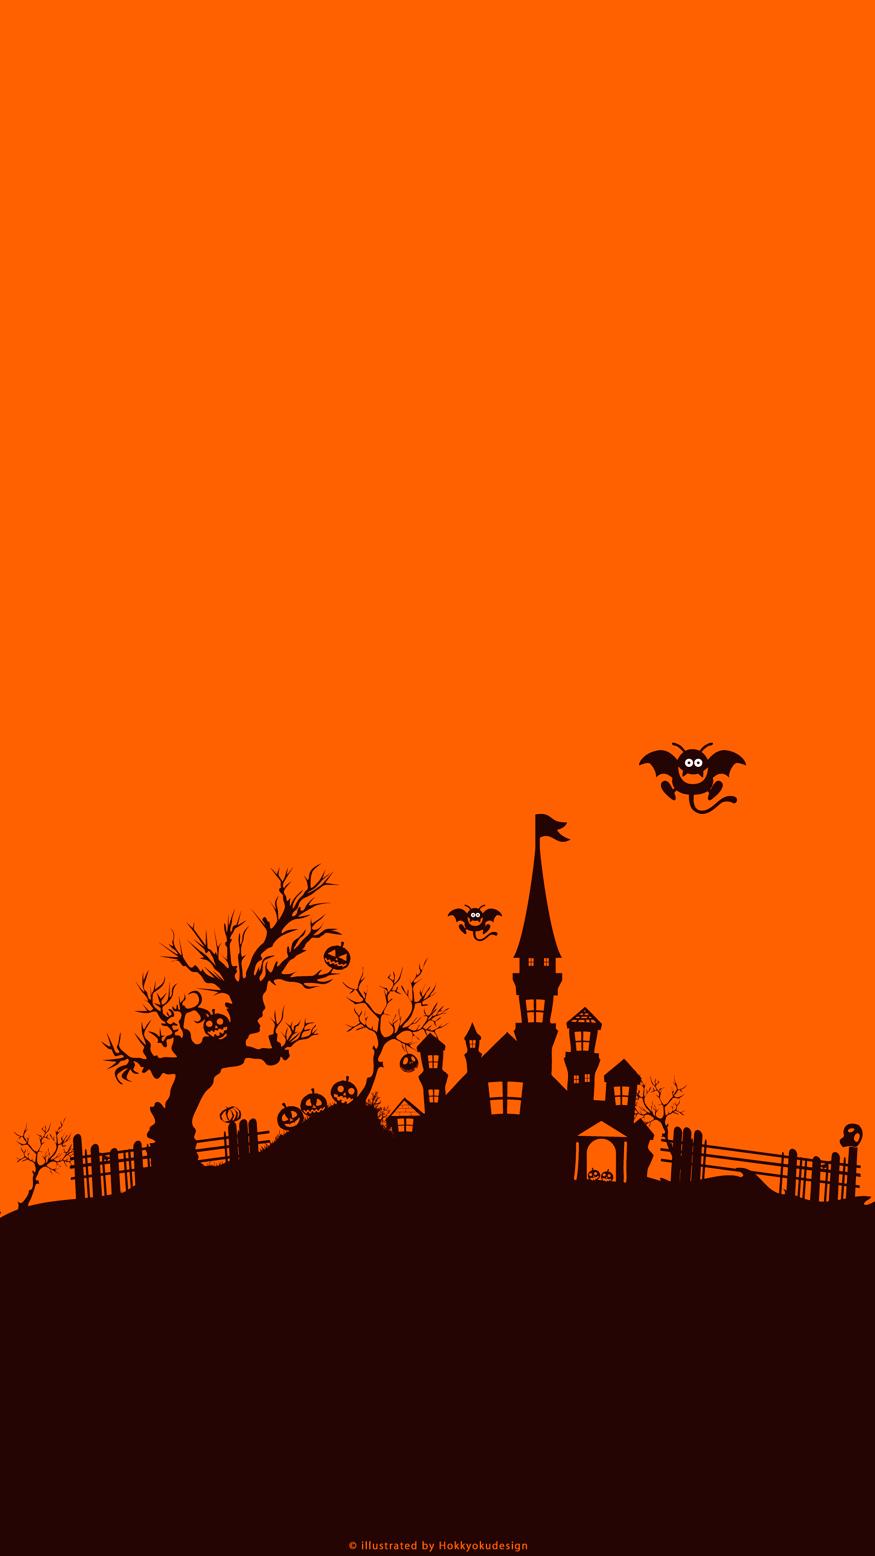 ハロウィンの壁紙 Iphone6 Iphone6s Halloween Wallpaper Iphone